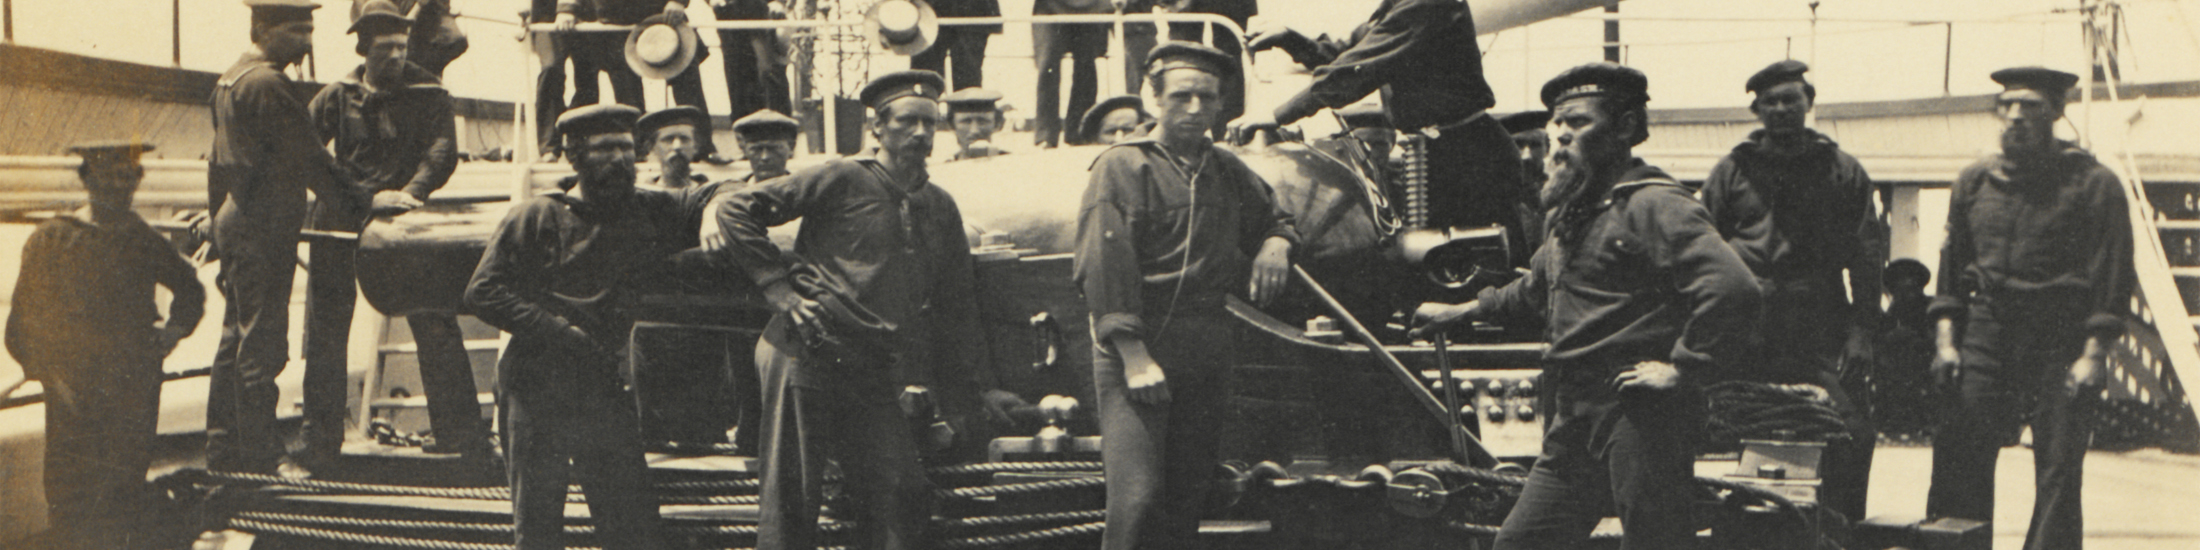 Civil War sailors on their ship